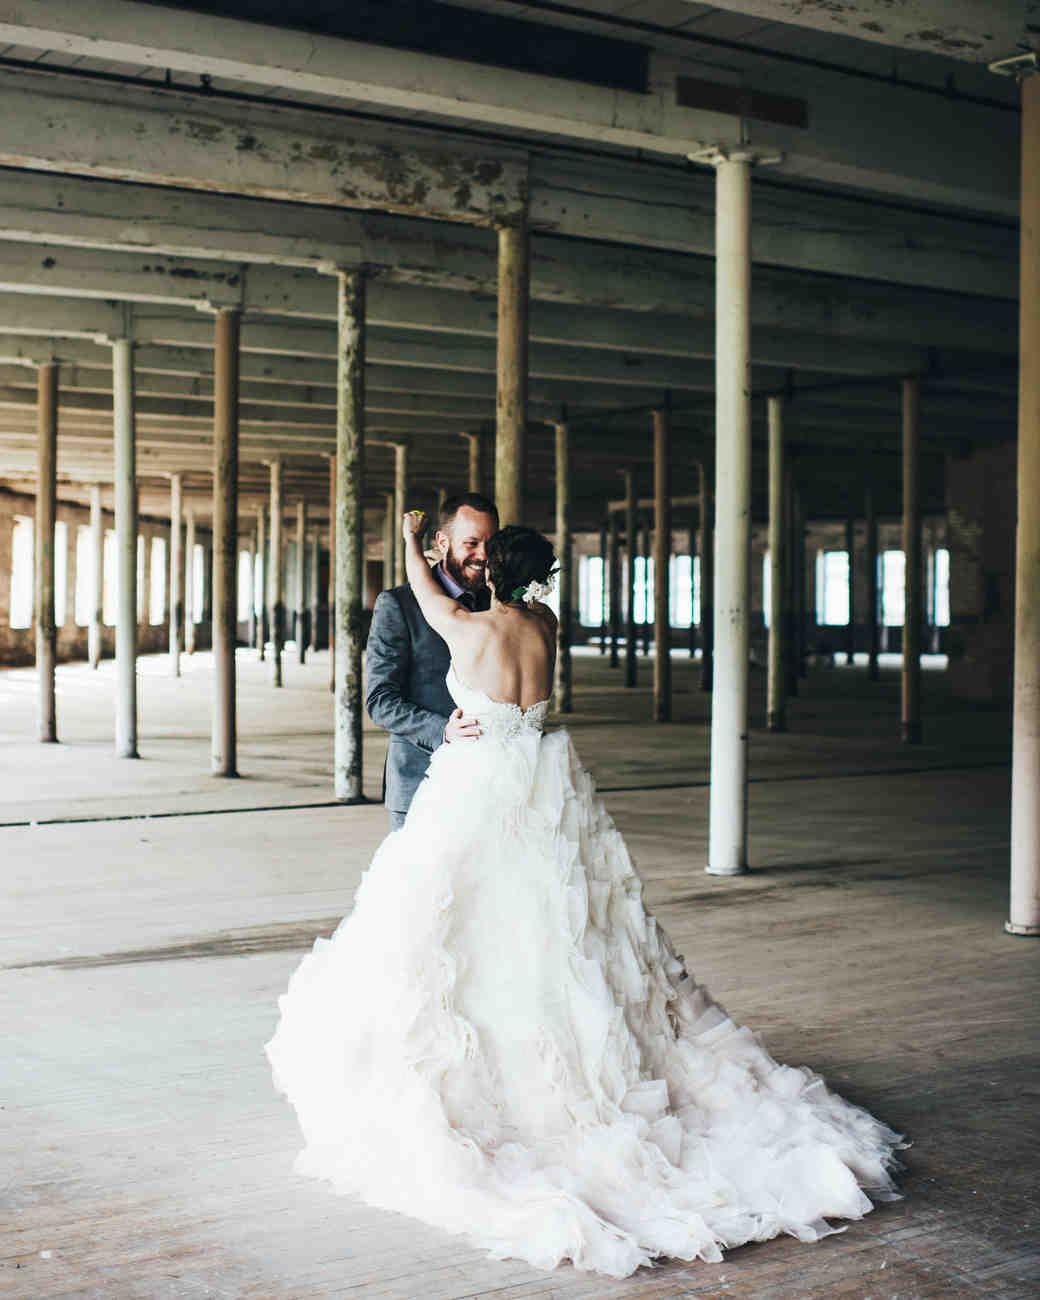 moira-dustin-wedding-firstlook-massachusetts-132-s112717.jpg